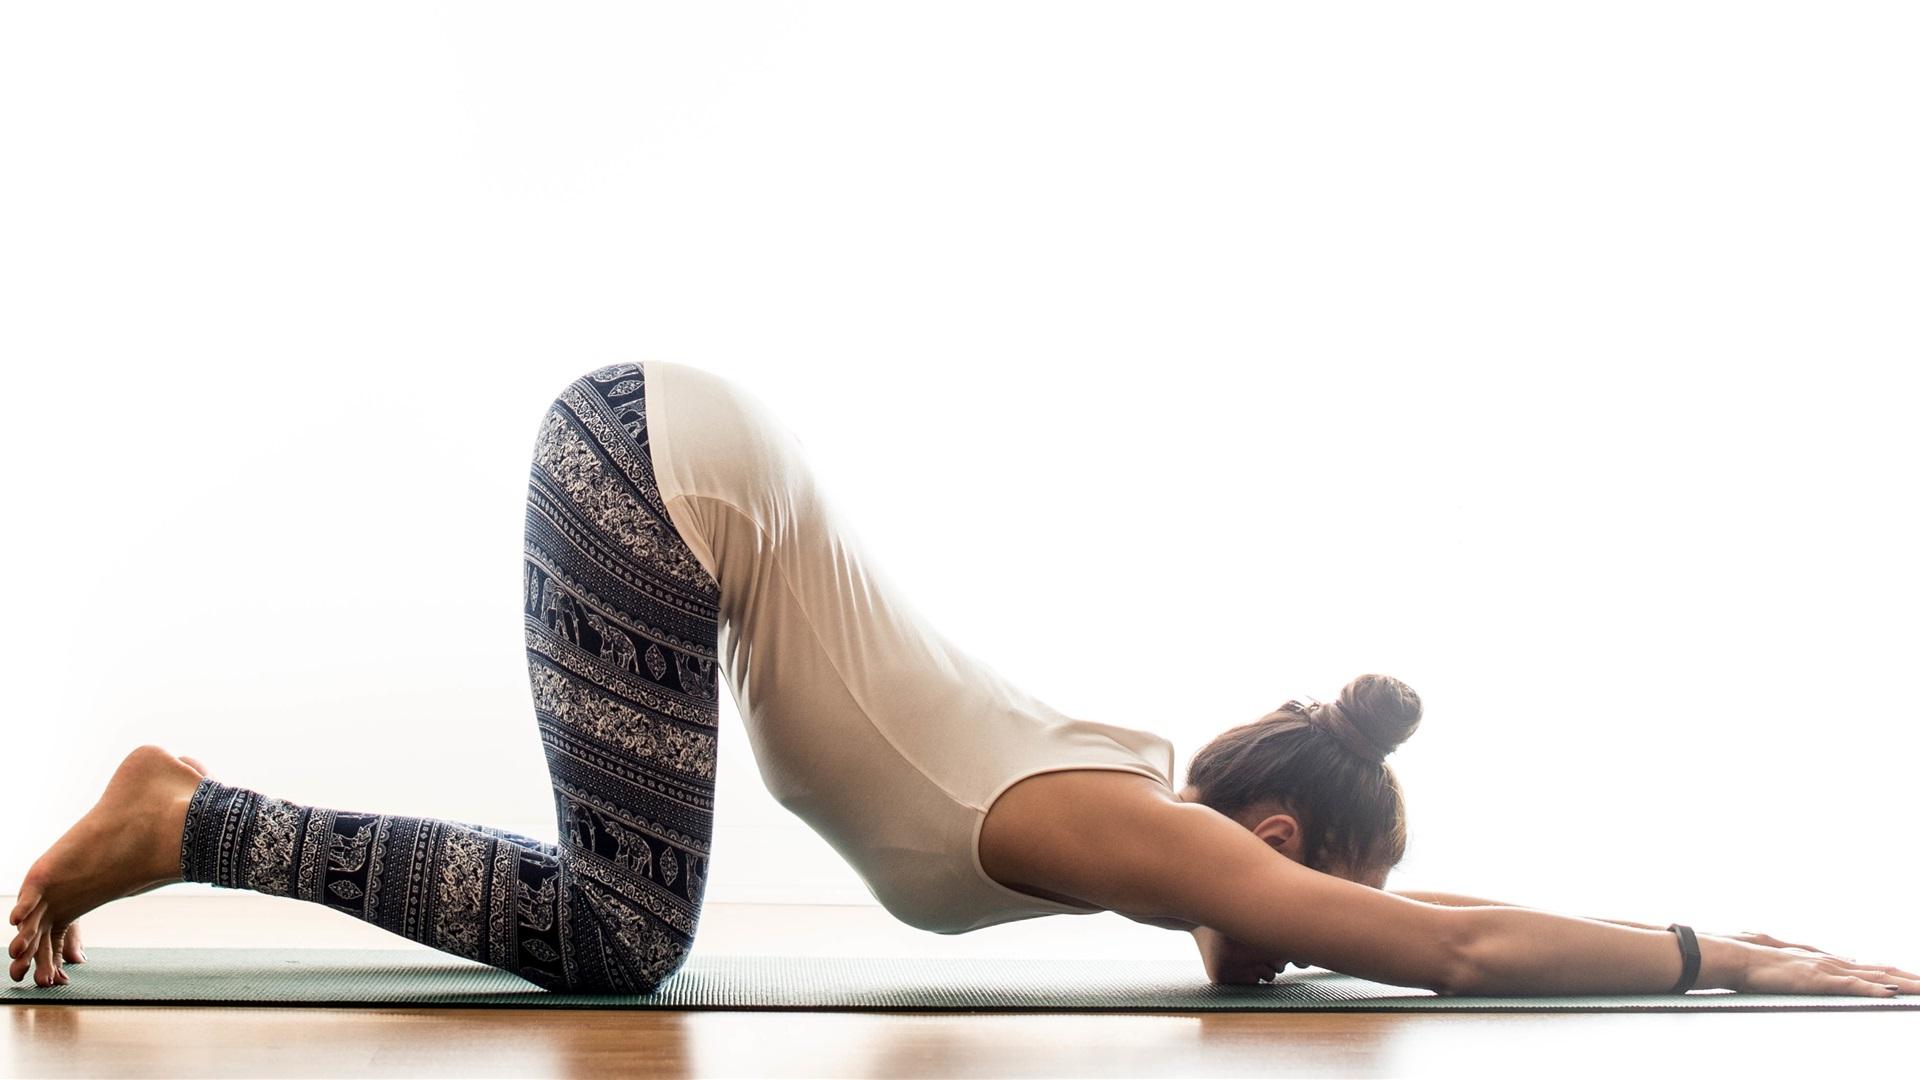 Wallpaper Yoga Girl Gymnastics Pose 3840x2160 Uhd 4k